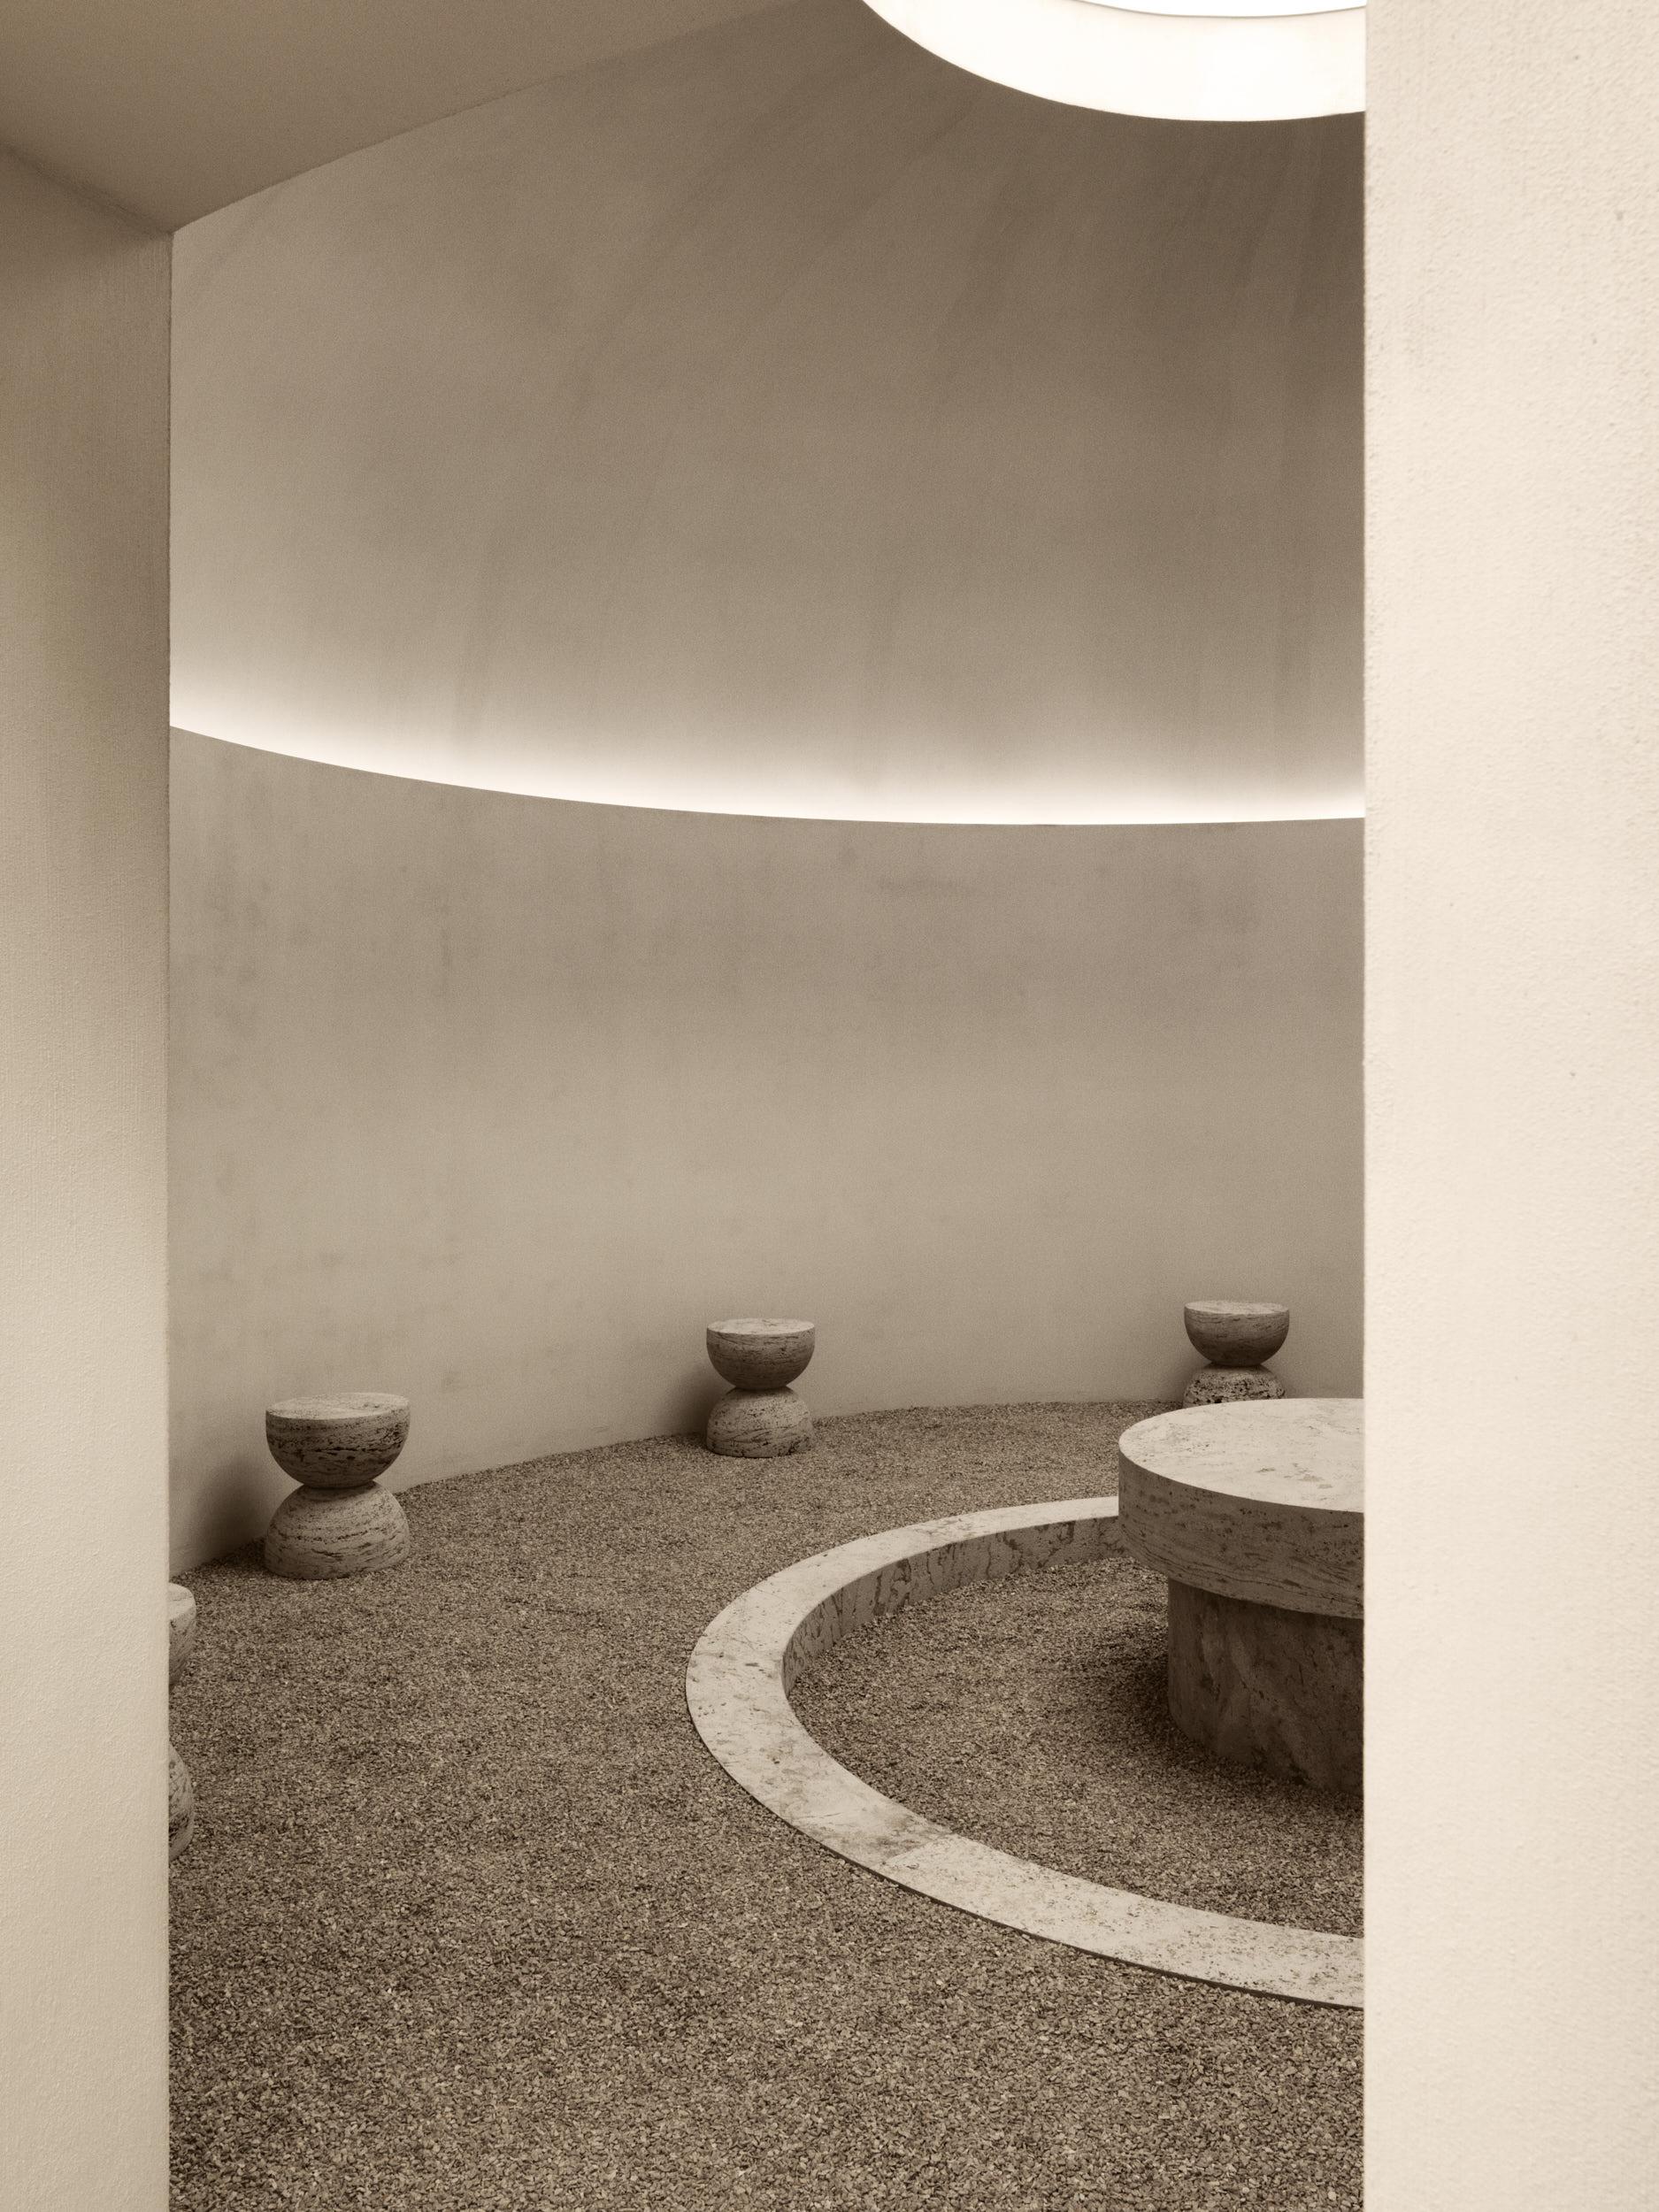 Hullebusch, Biennale Interieur by Nicolas Schuybroek — Image by Claessens & Deschamps